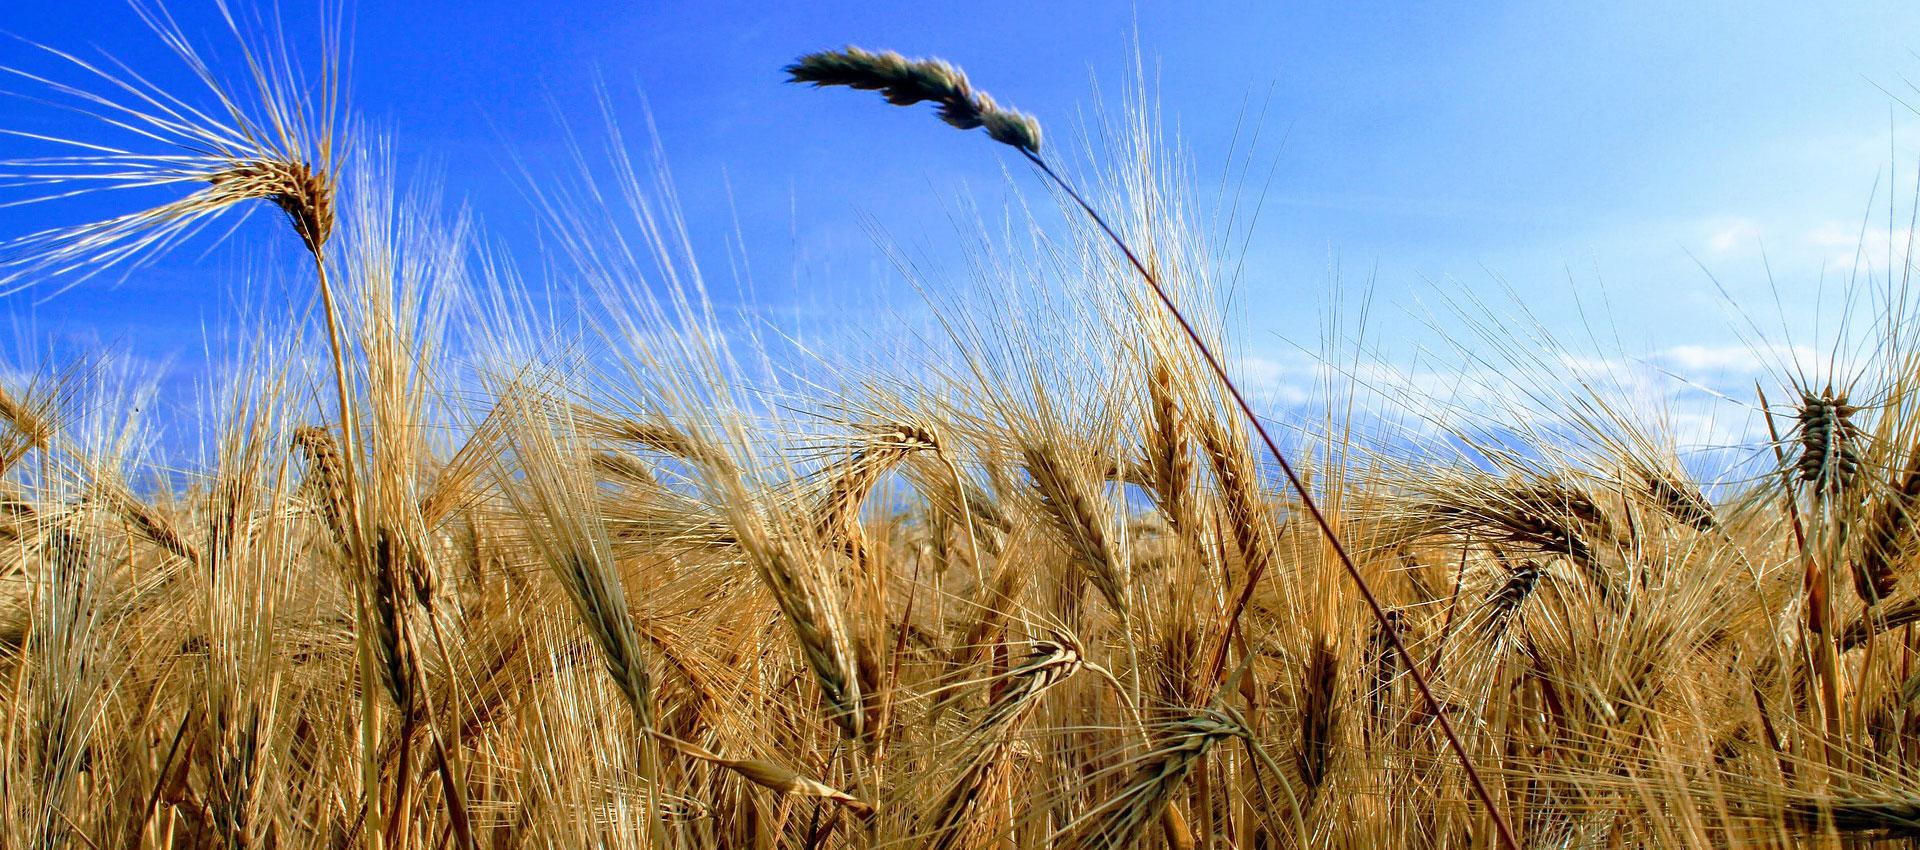 Software Butler - Das Batsch Butler® Warenwirtschaftssystem besteht aus zahlreichen branchenspezifischen Softwarebausteinen für den Bereich Erneuerbare Energie und die Agrarwirtschaft